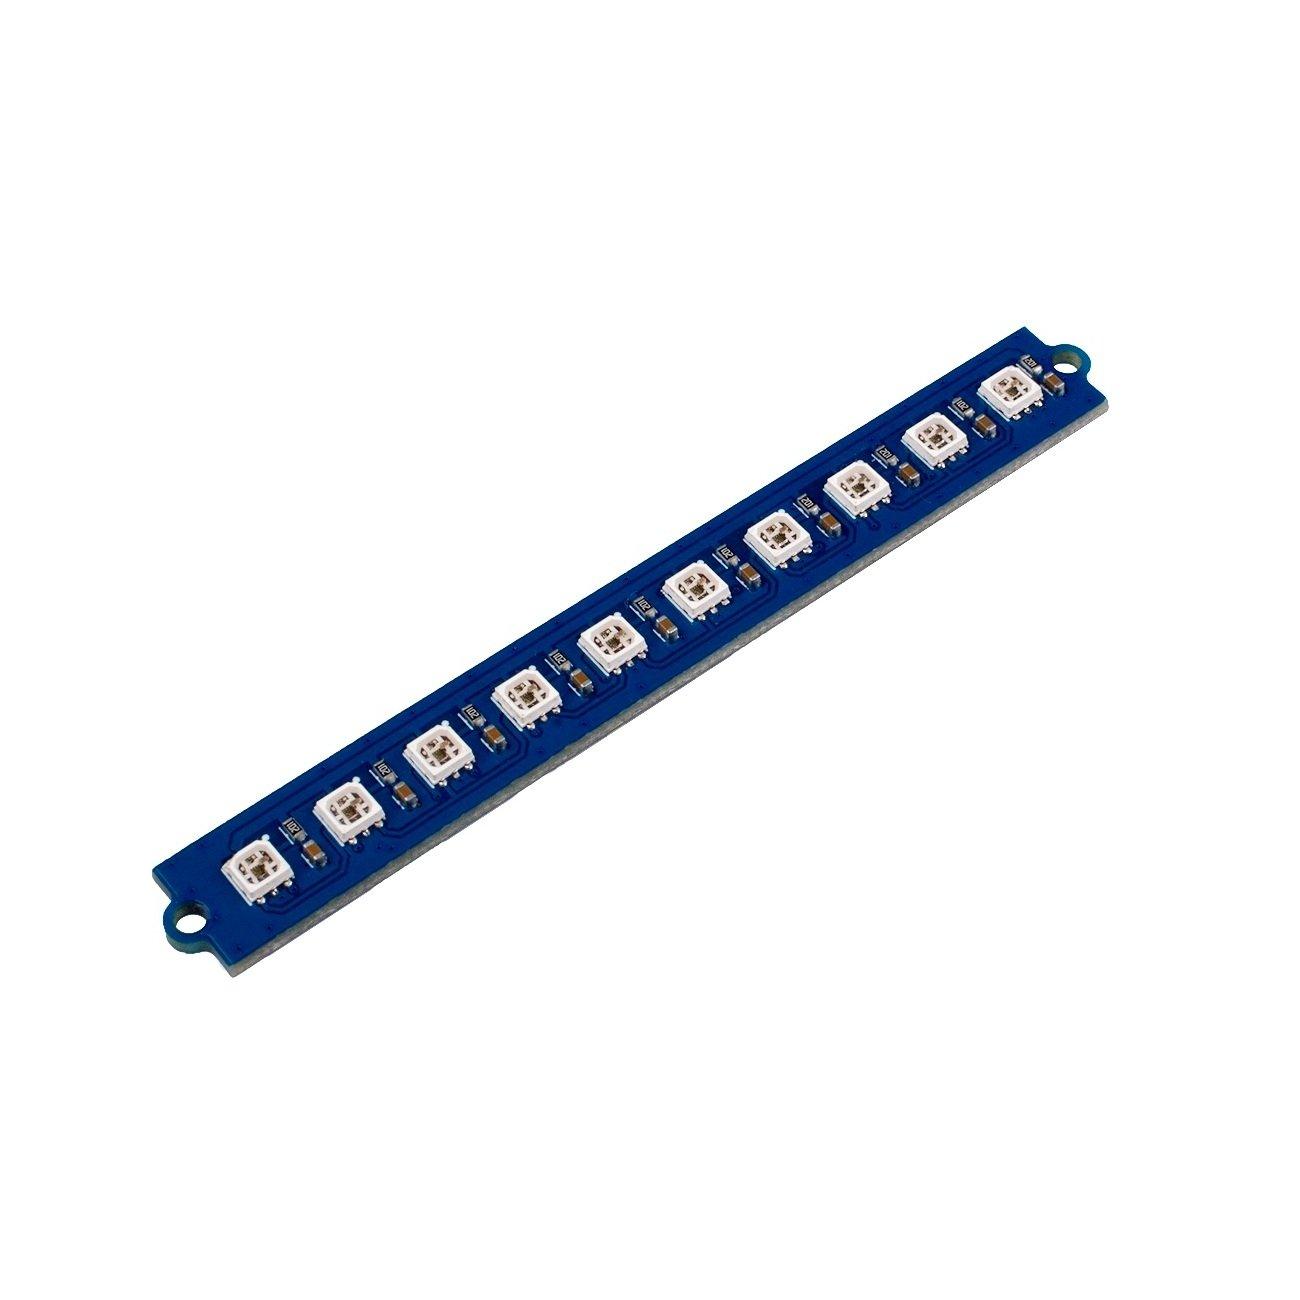 Grove - RGB LED Stick (10 - WS2813 Mini) v1.0